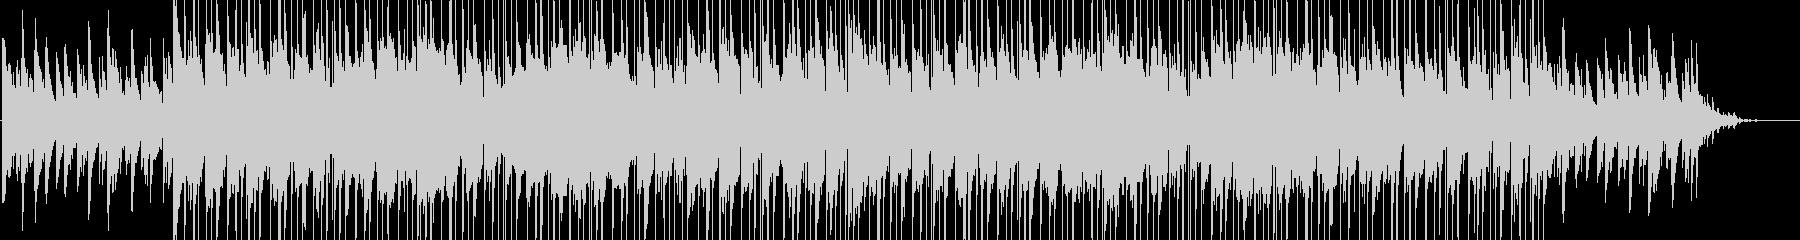 ポップでかわいいピアノ曲の未再生の波形